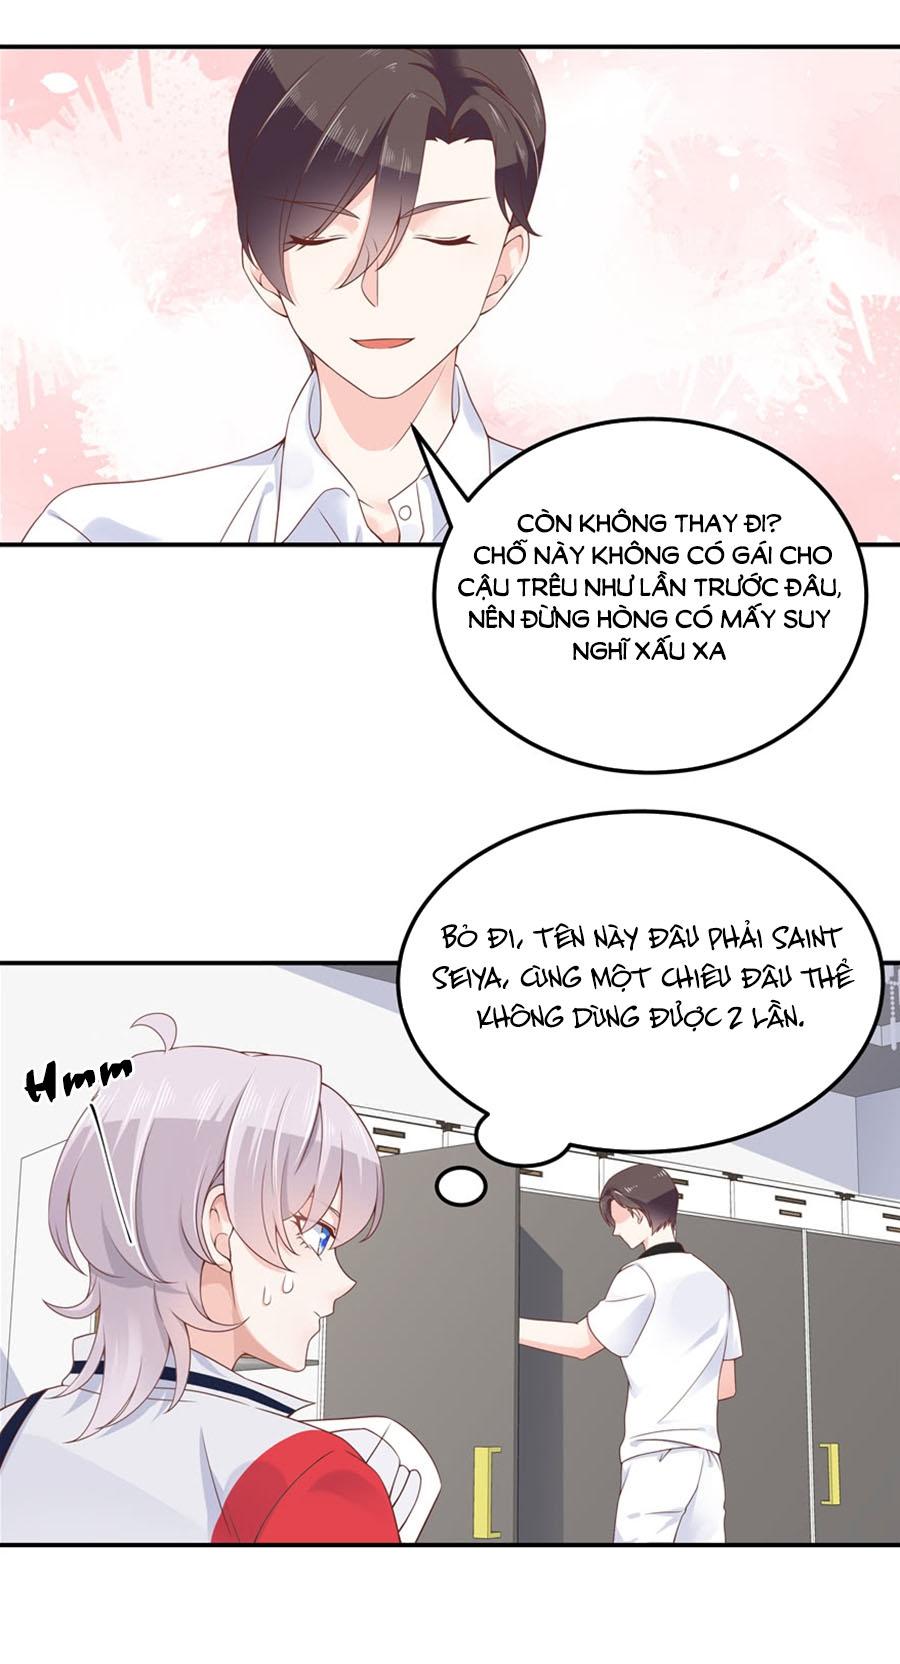 Hotboy Quốc Dân Là Nữ chap 46 - Trang 9